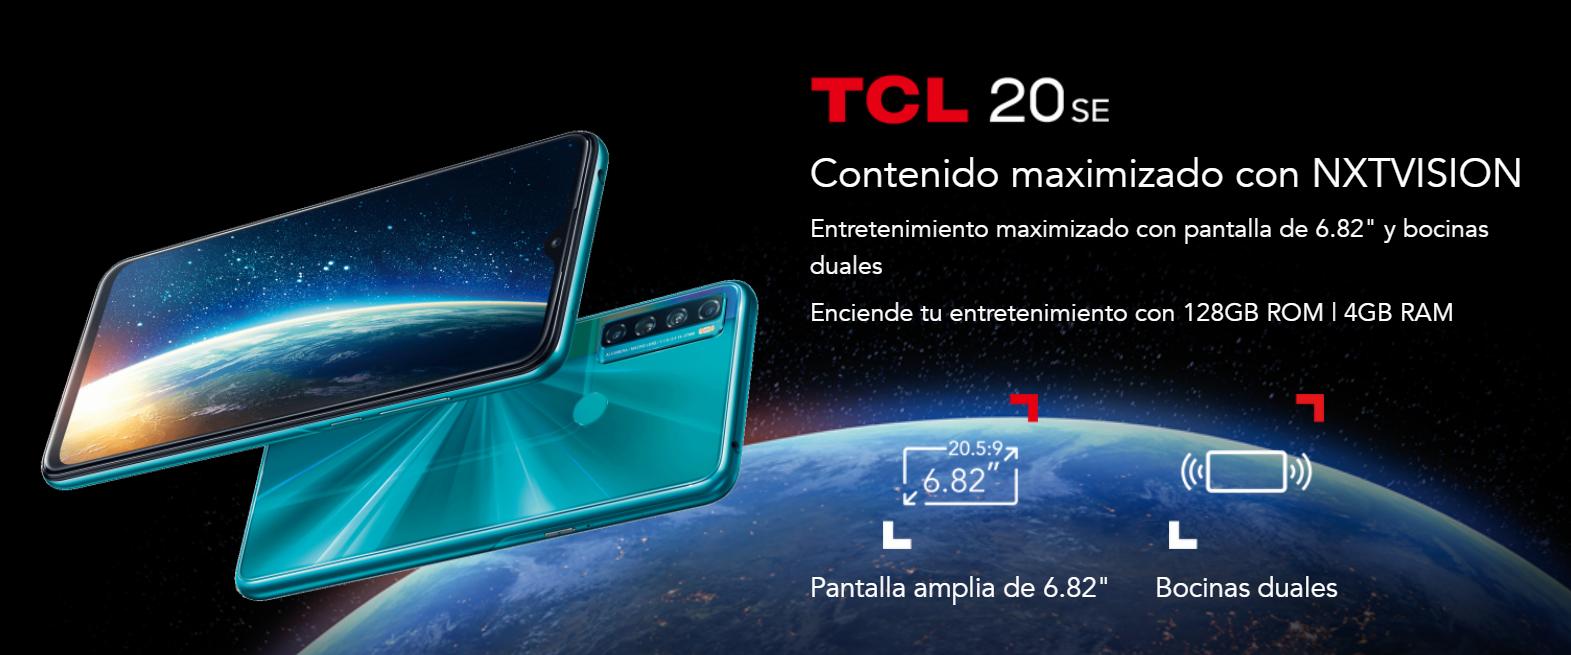 TCL Serie 20 llega a México con increíbles precios